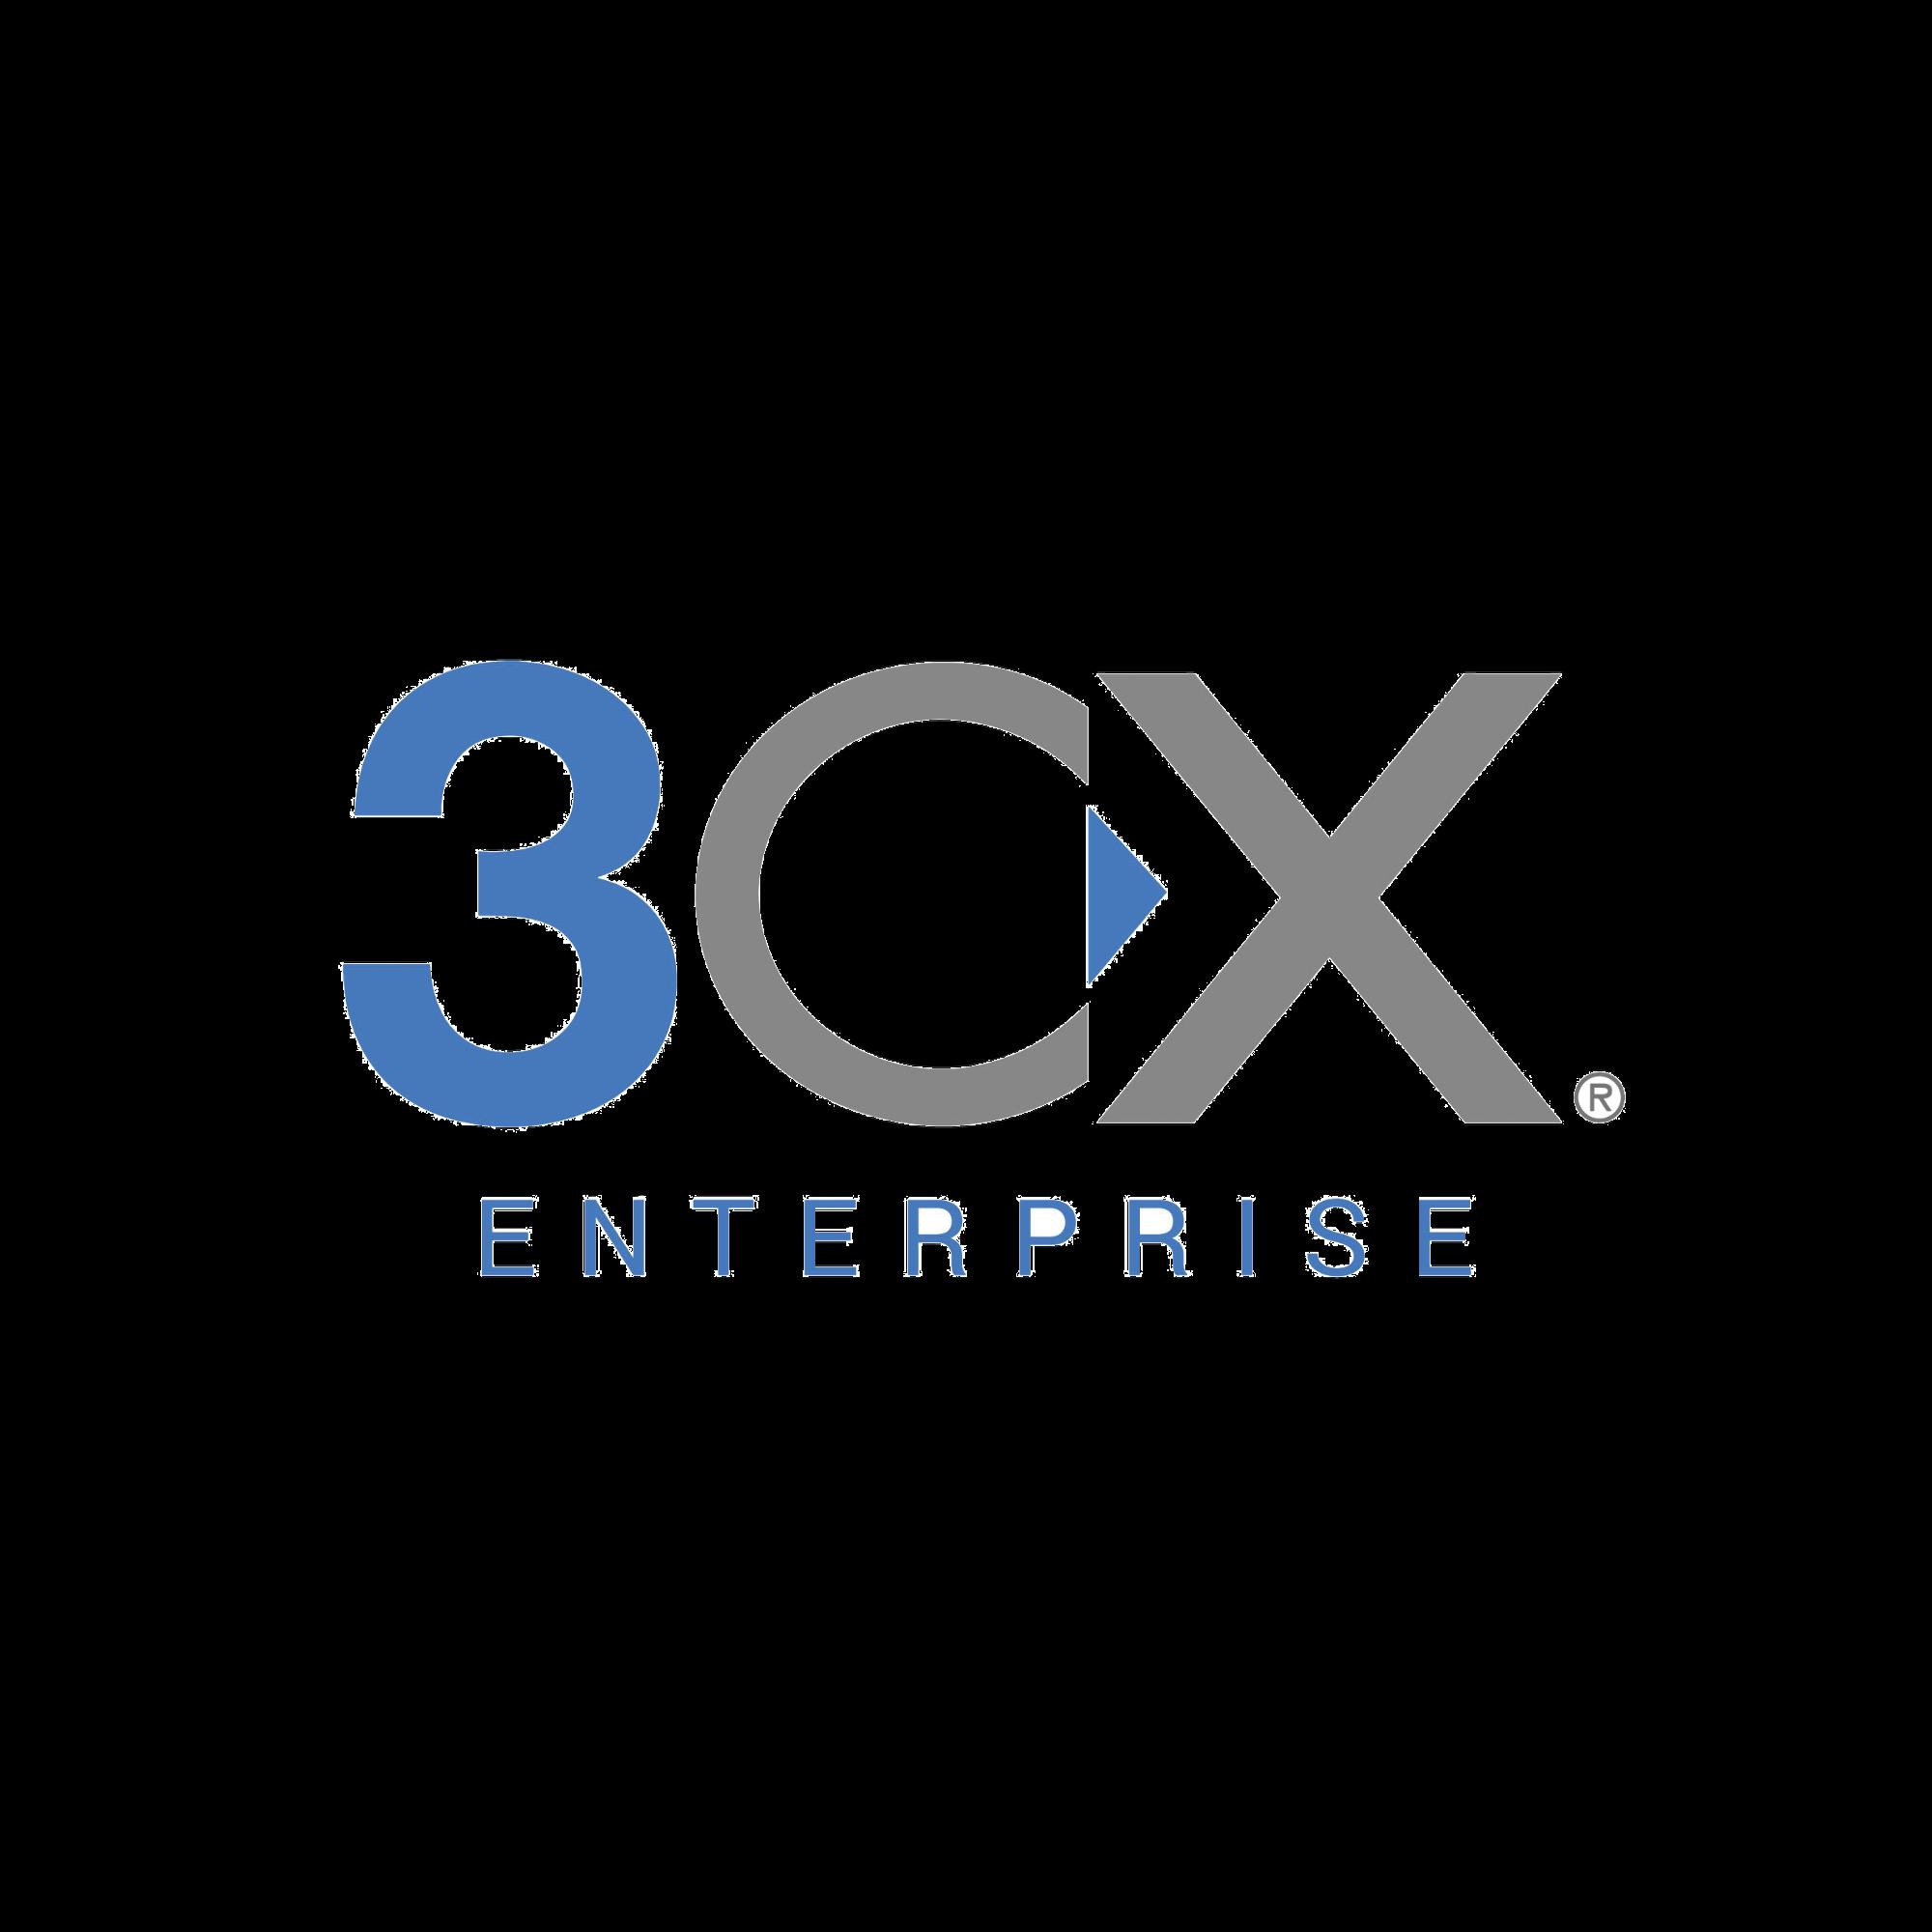 Licencia anual de 3CX Enterprise para 128 llamadas simultáneas y extensiones ilimitadas